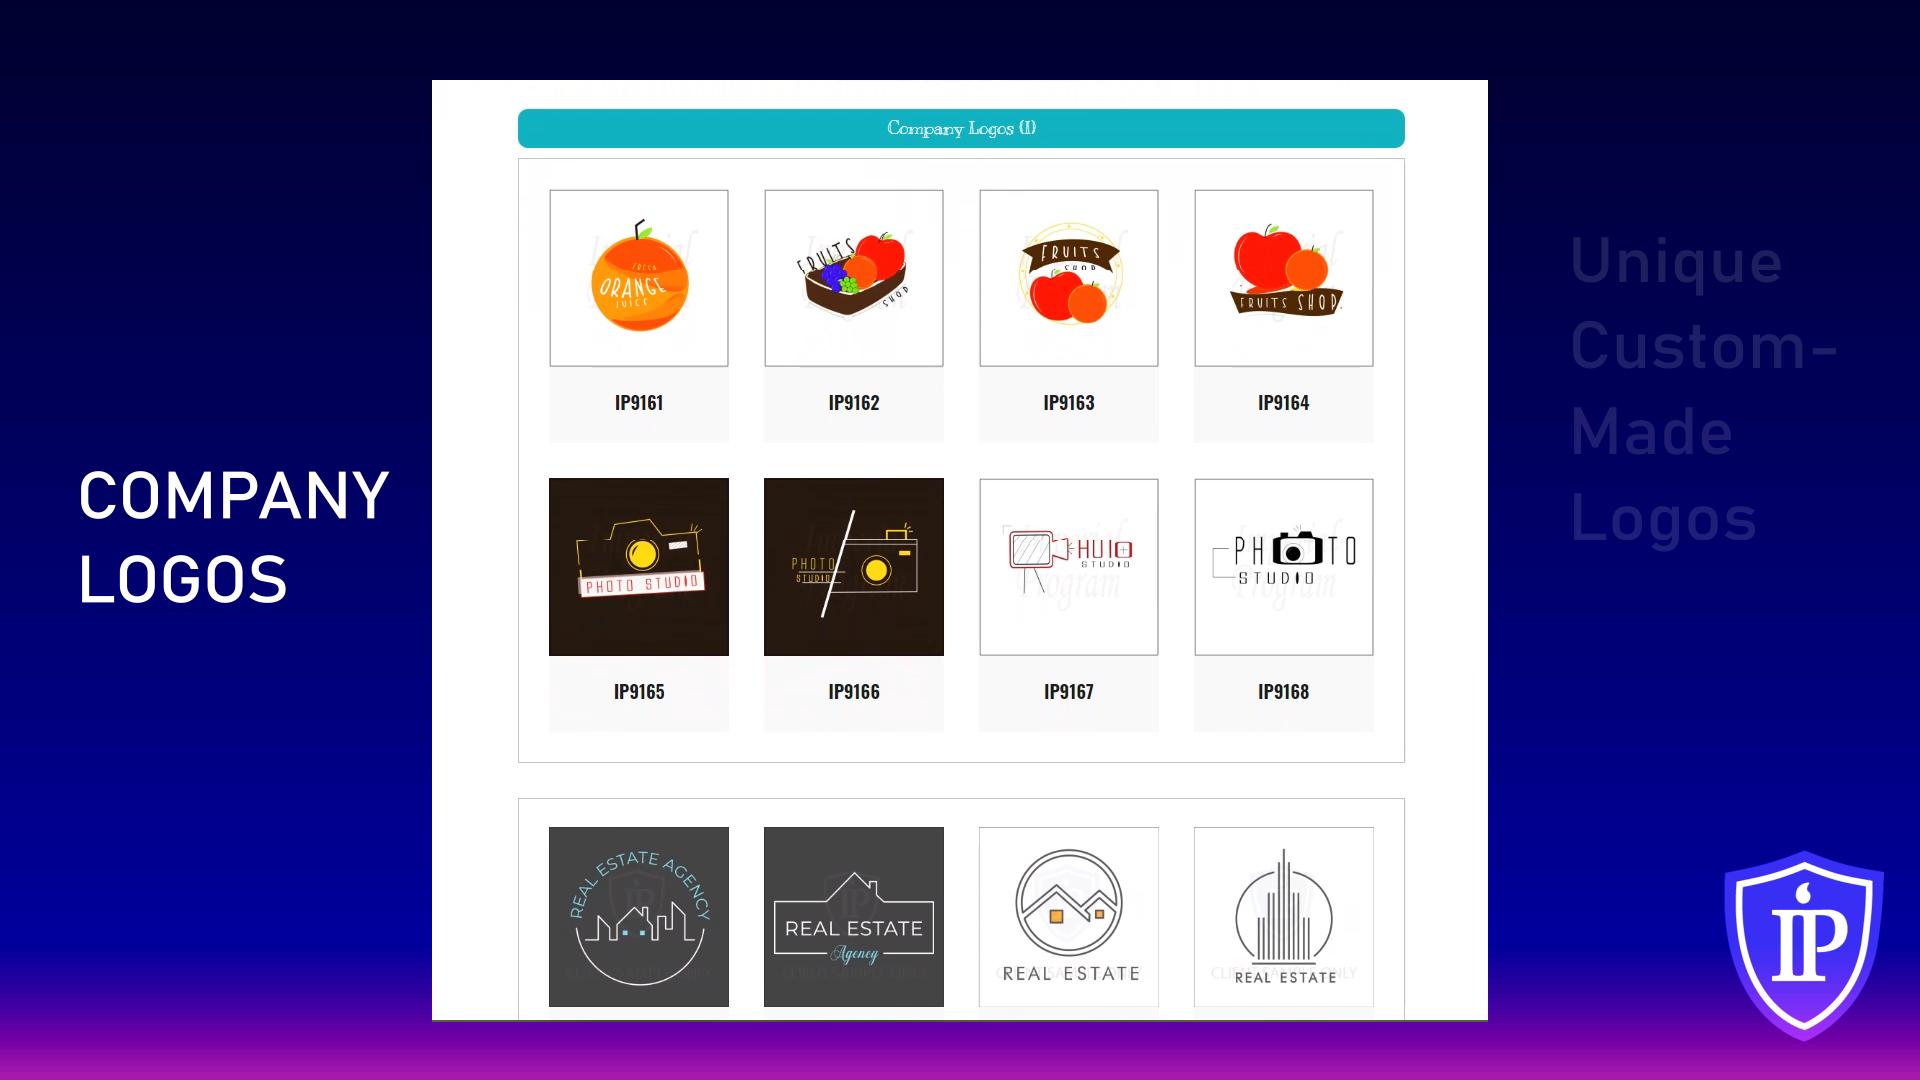 https://imperialprogram.com/demo/wp-content/uploads/2020/03/ip-logo-demo-2020.mp4